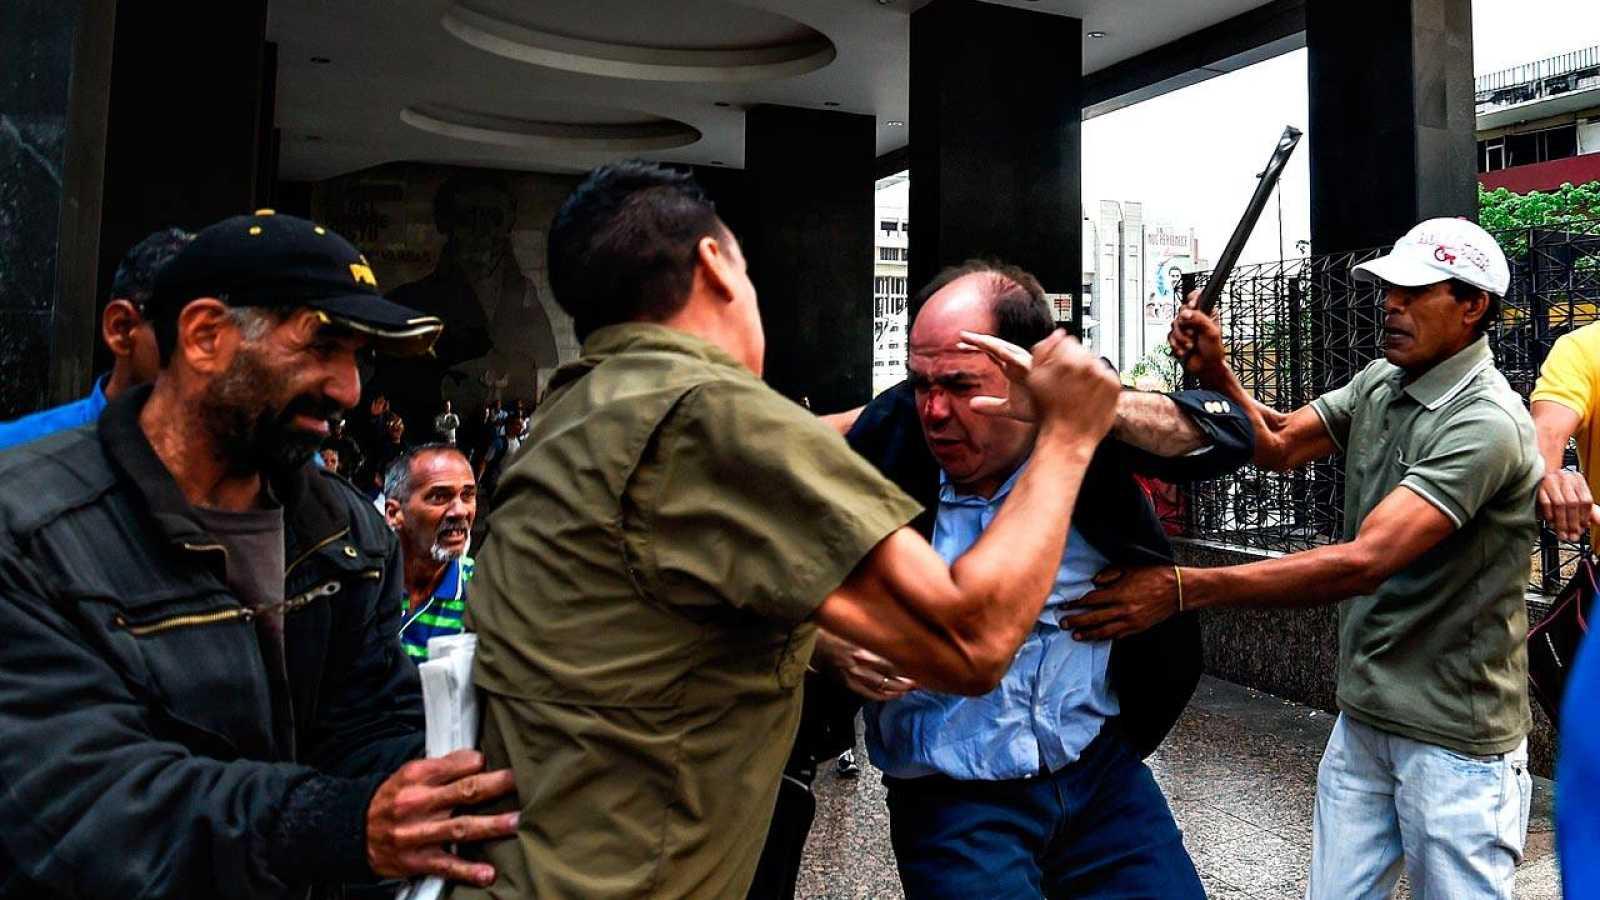 El diputado opositor Julio Borges es golpeado por presuntos partidarios del Gobierno de Maduro